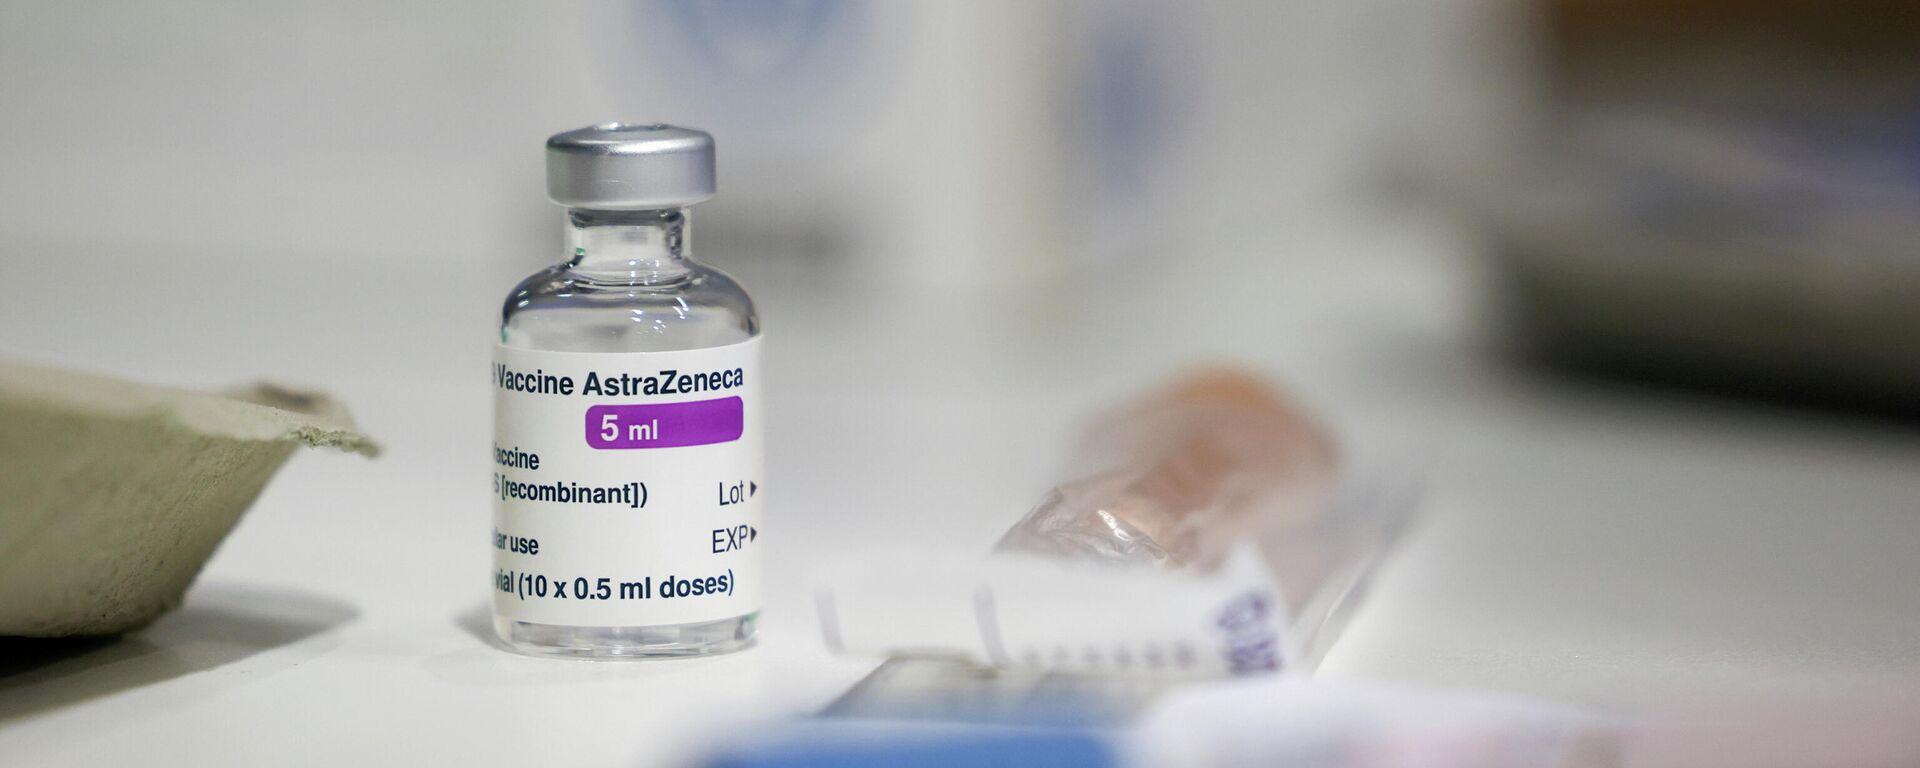 AstraZeneca-Impfung - SNA, 1920, 25.05.2021